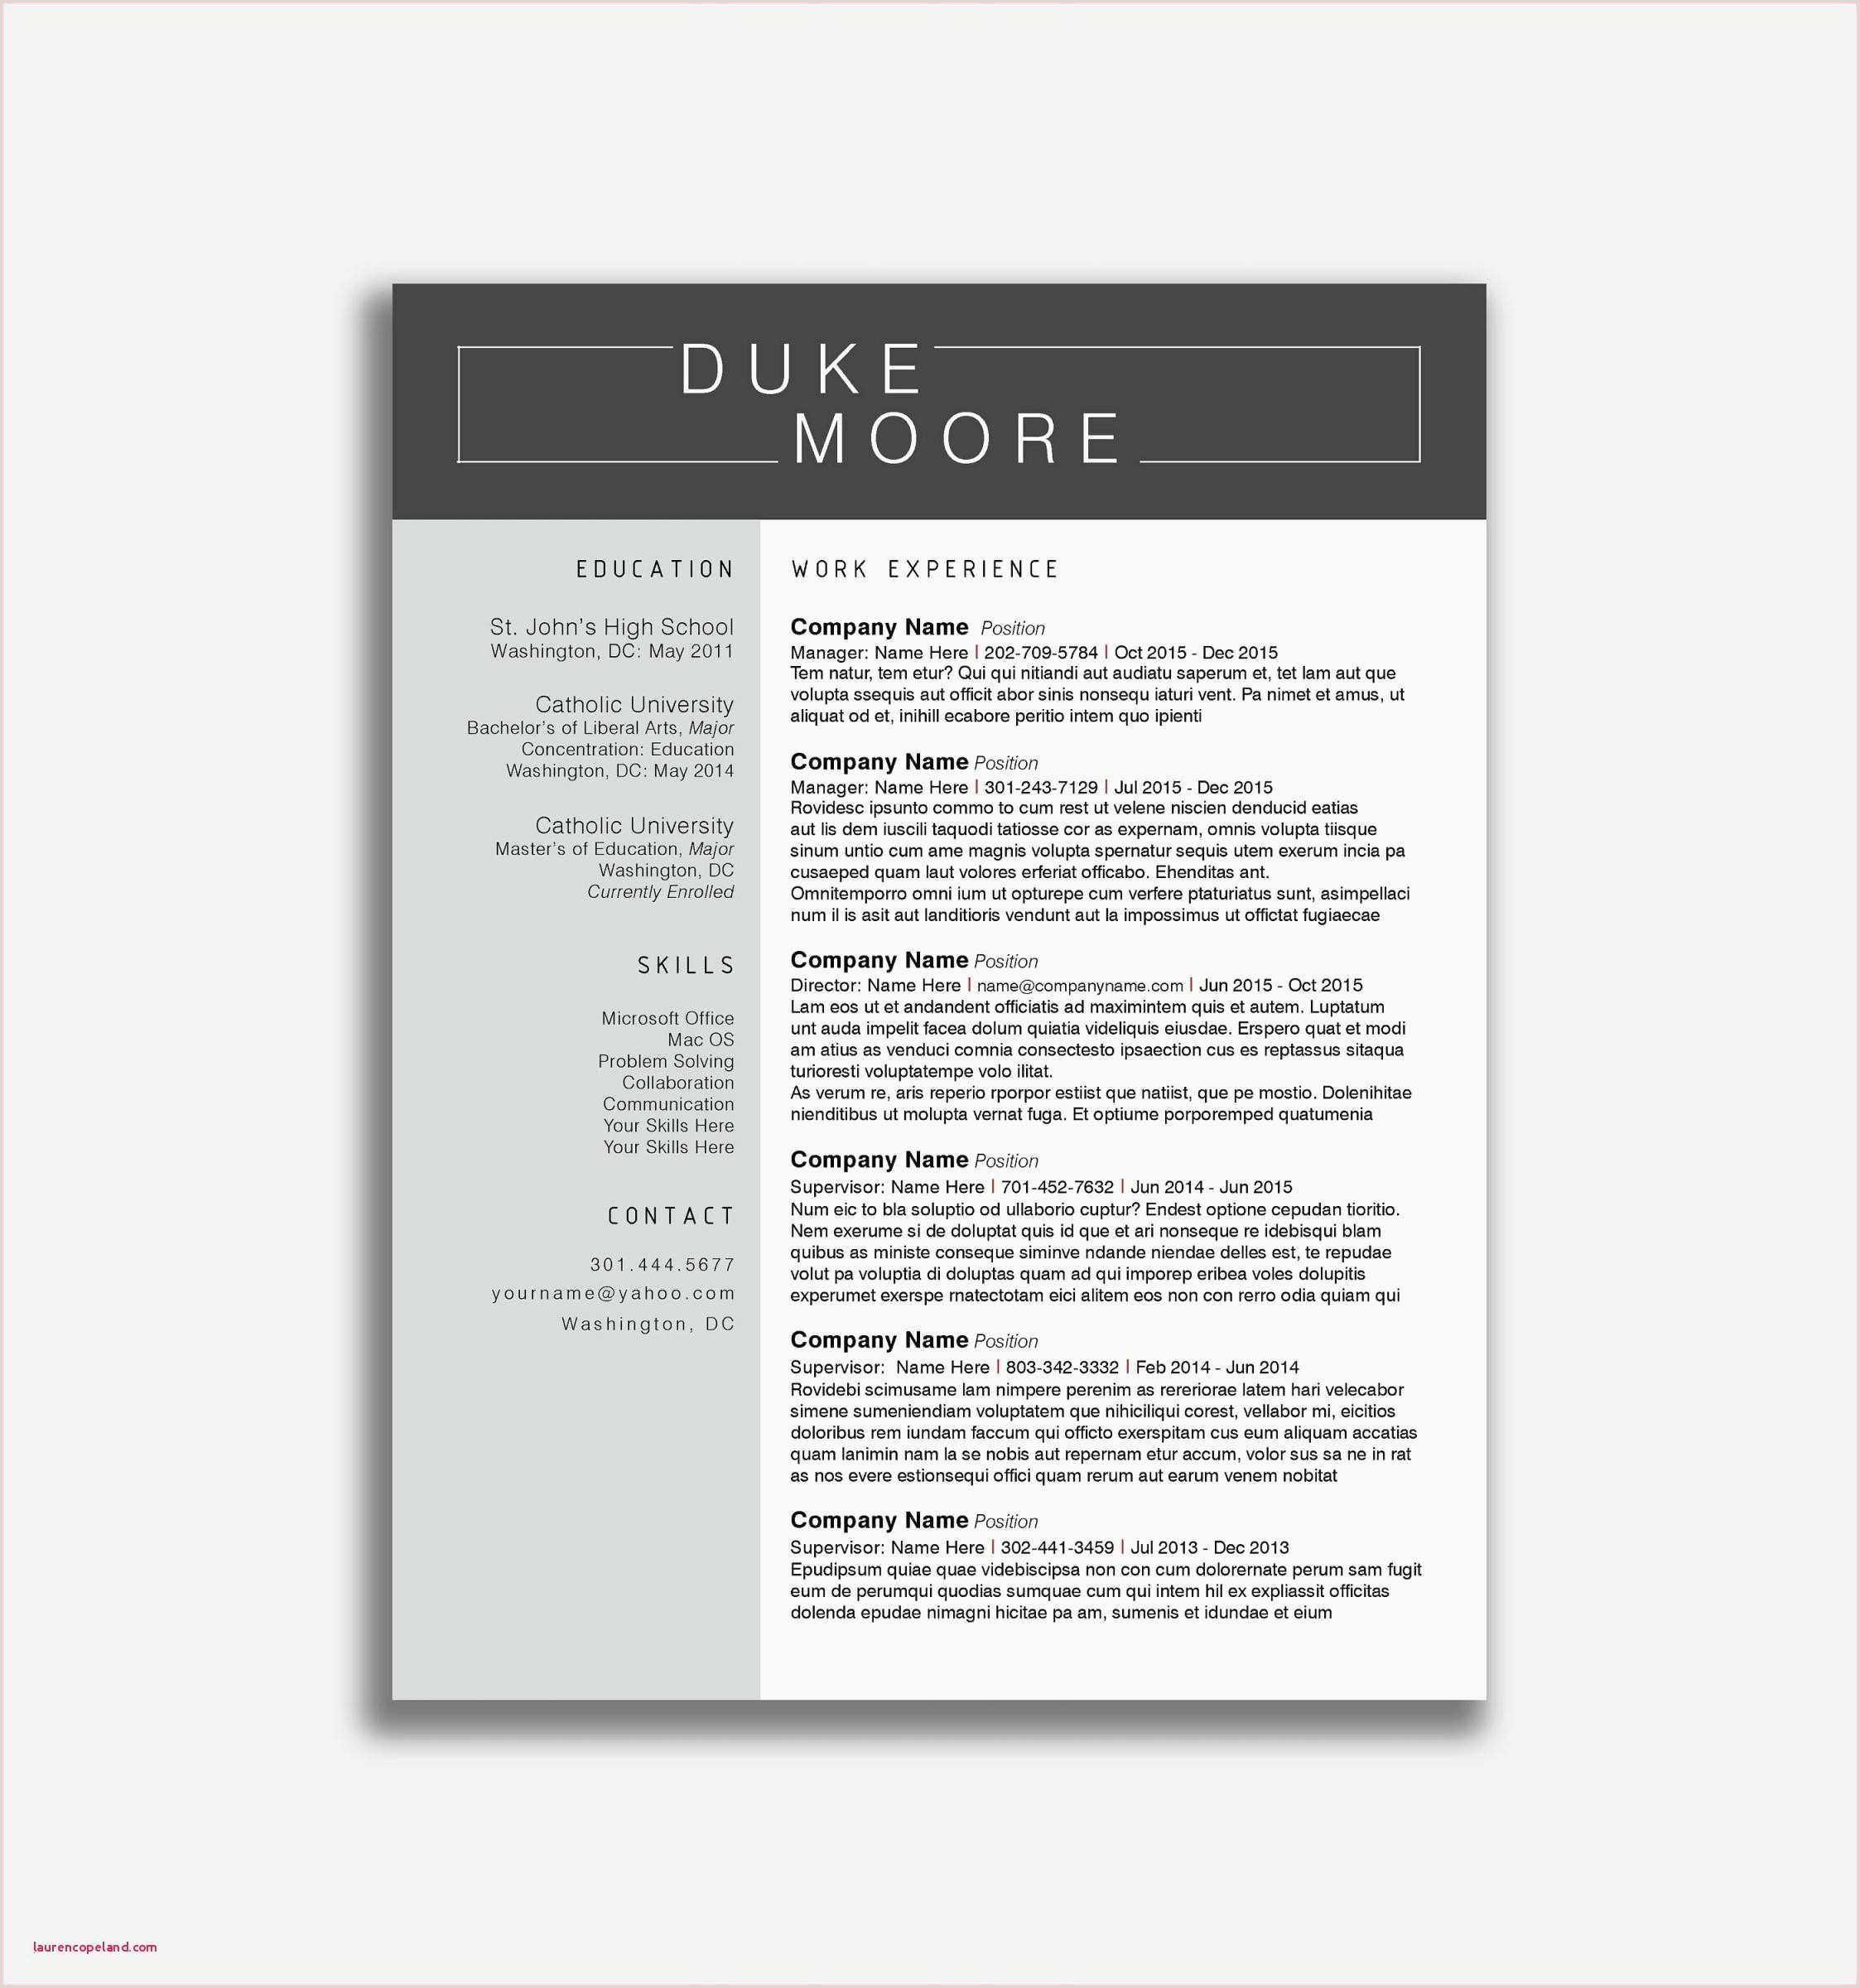 Lebenslauf Für Studium Beispiele 15 Anschreiben Mail